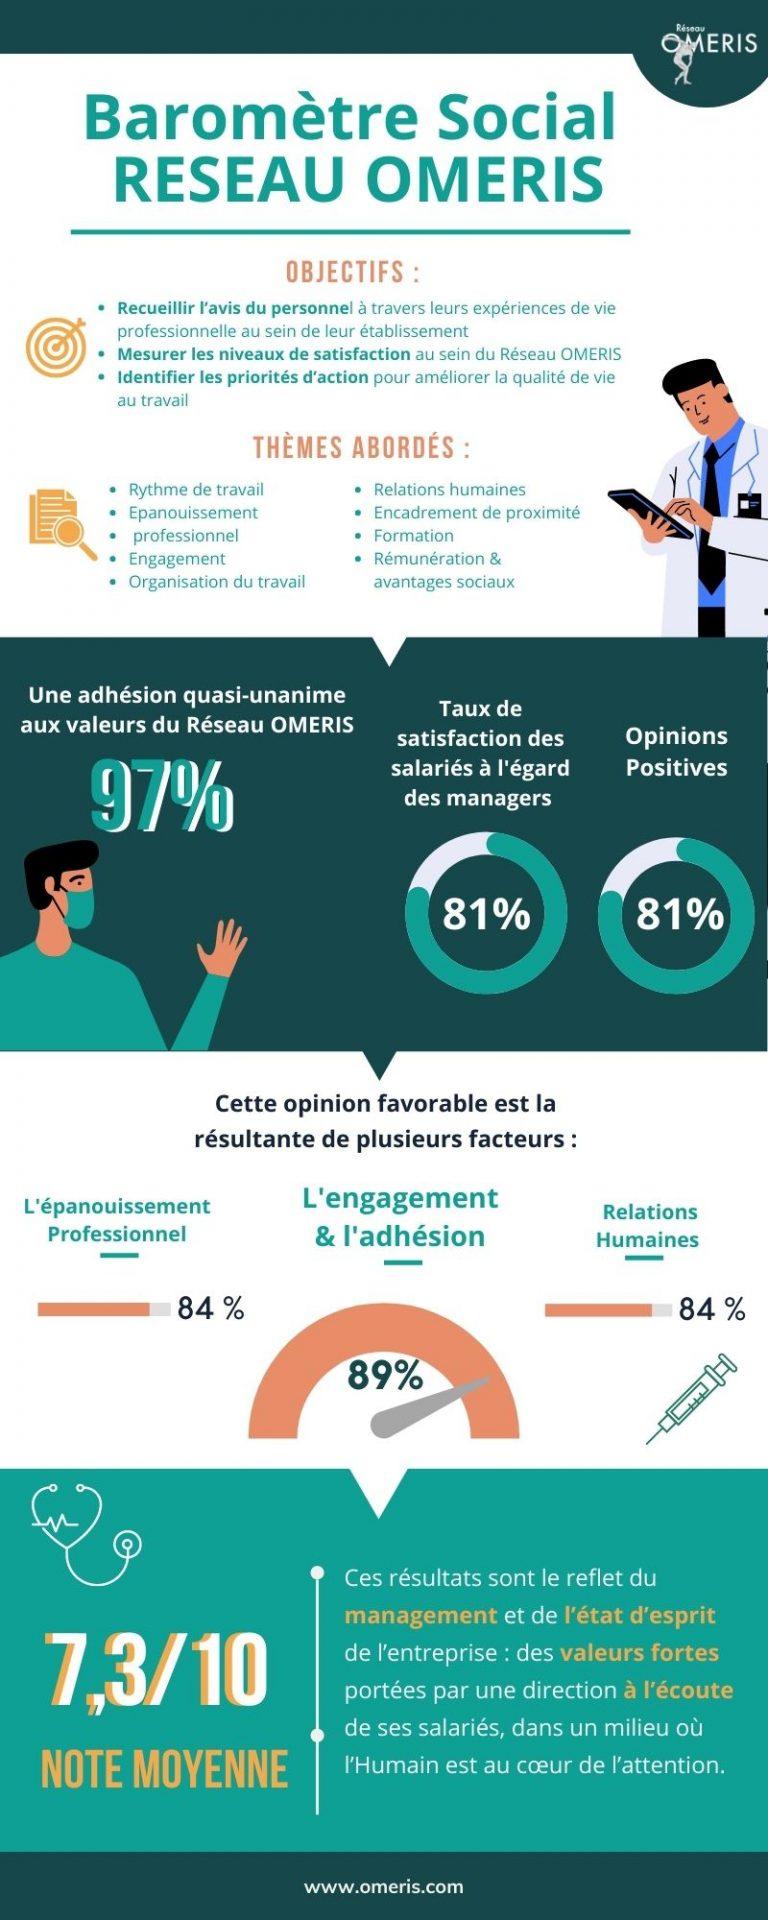 Infographie Baromètre Social - Réseau OMERIS